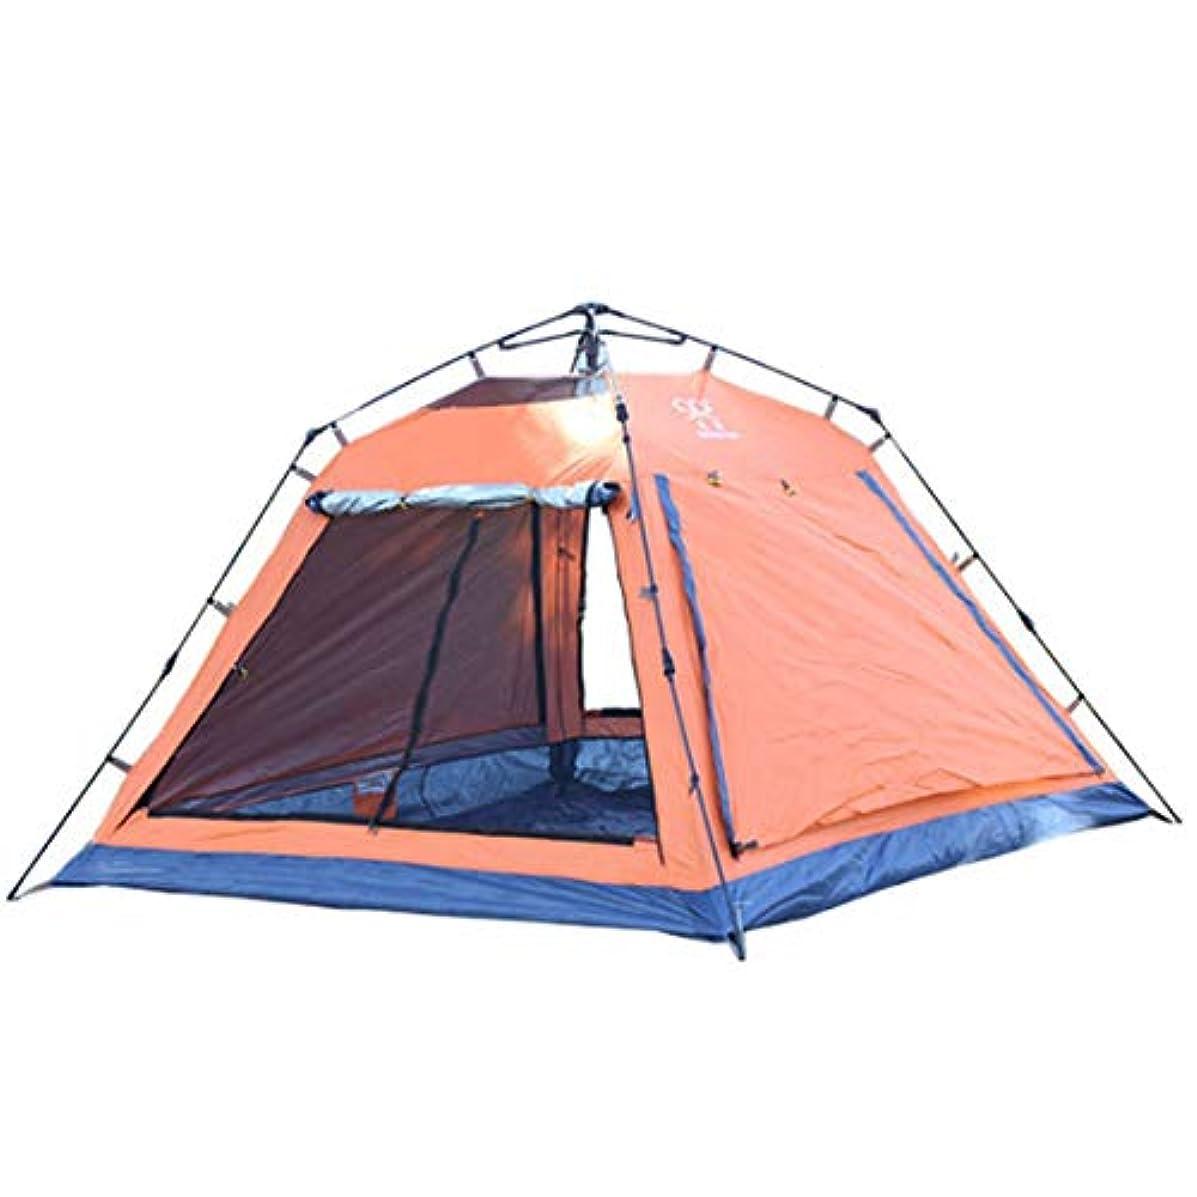 チョップ失速しかしBemin ポップアップテント ワンタッチテント 折りたたみ キャンプ テント メッシュ 紫外線防止 2-4人用 日焼け止め サンシェードテント 紫外線防止 設営簡単 キャンプ 登山 旅行 収納バッグ付き